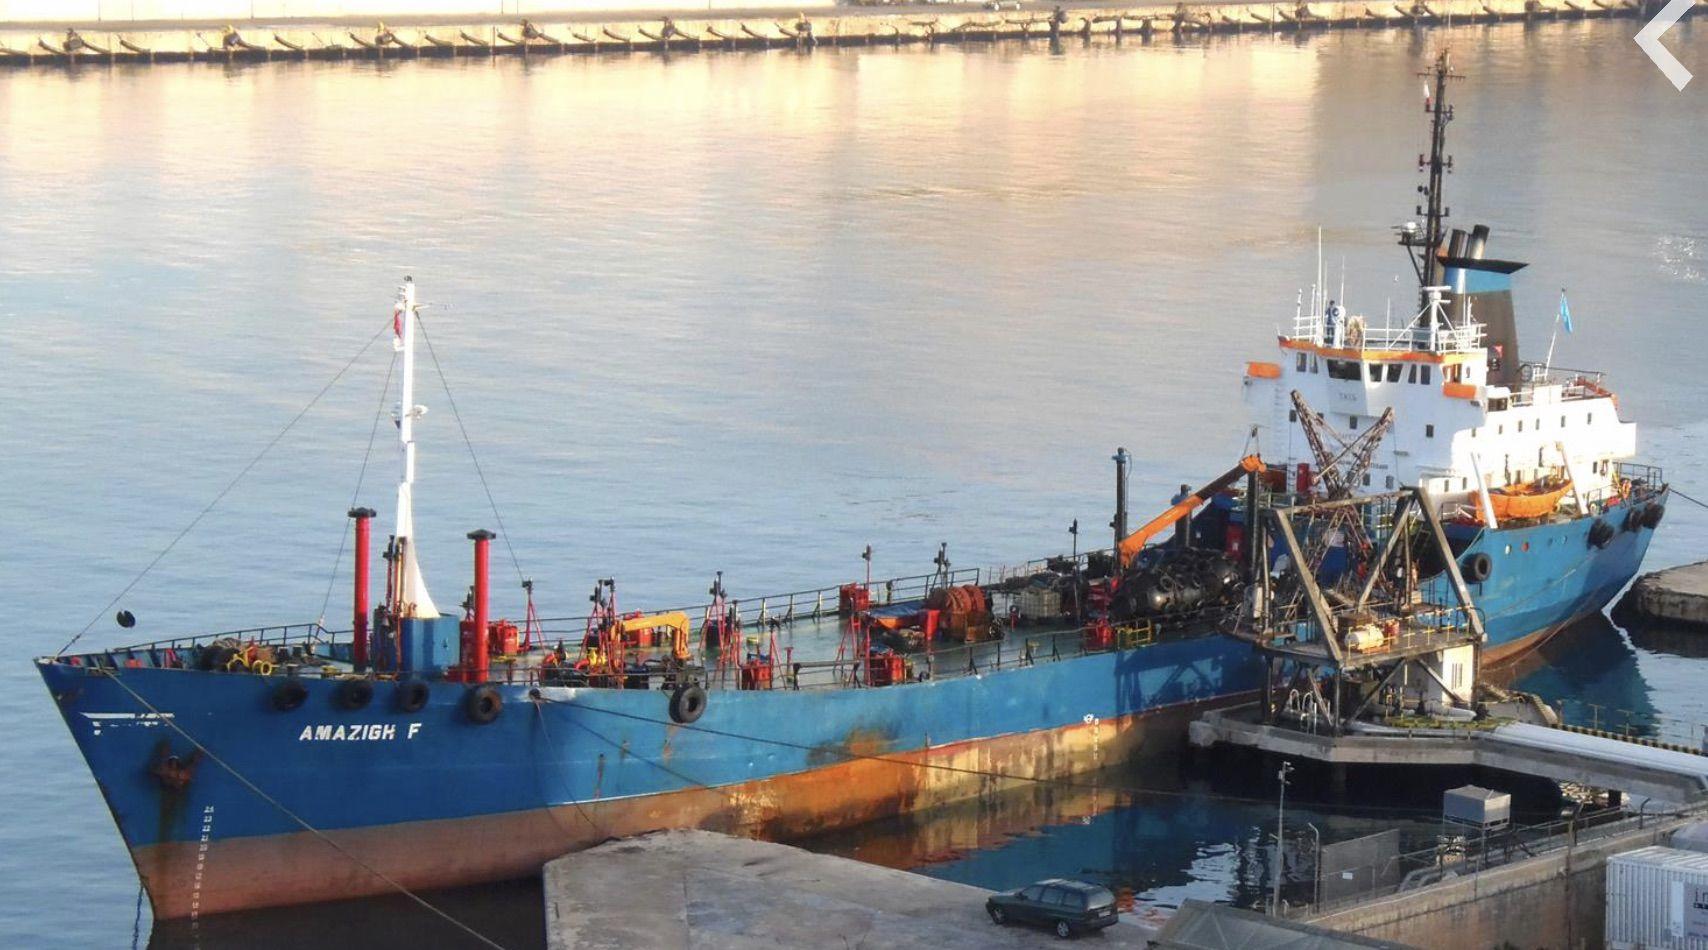 The ship Amazigh F.